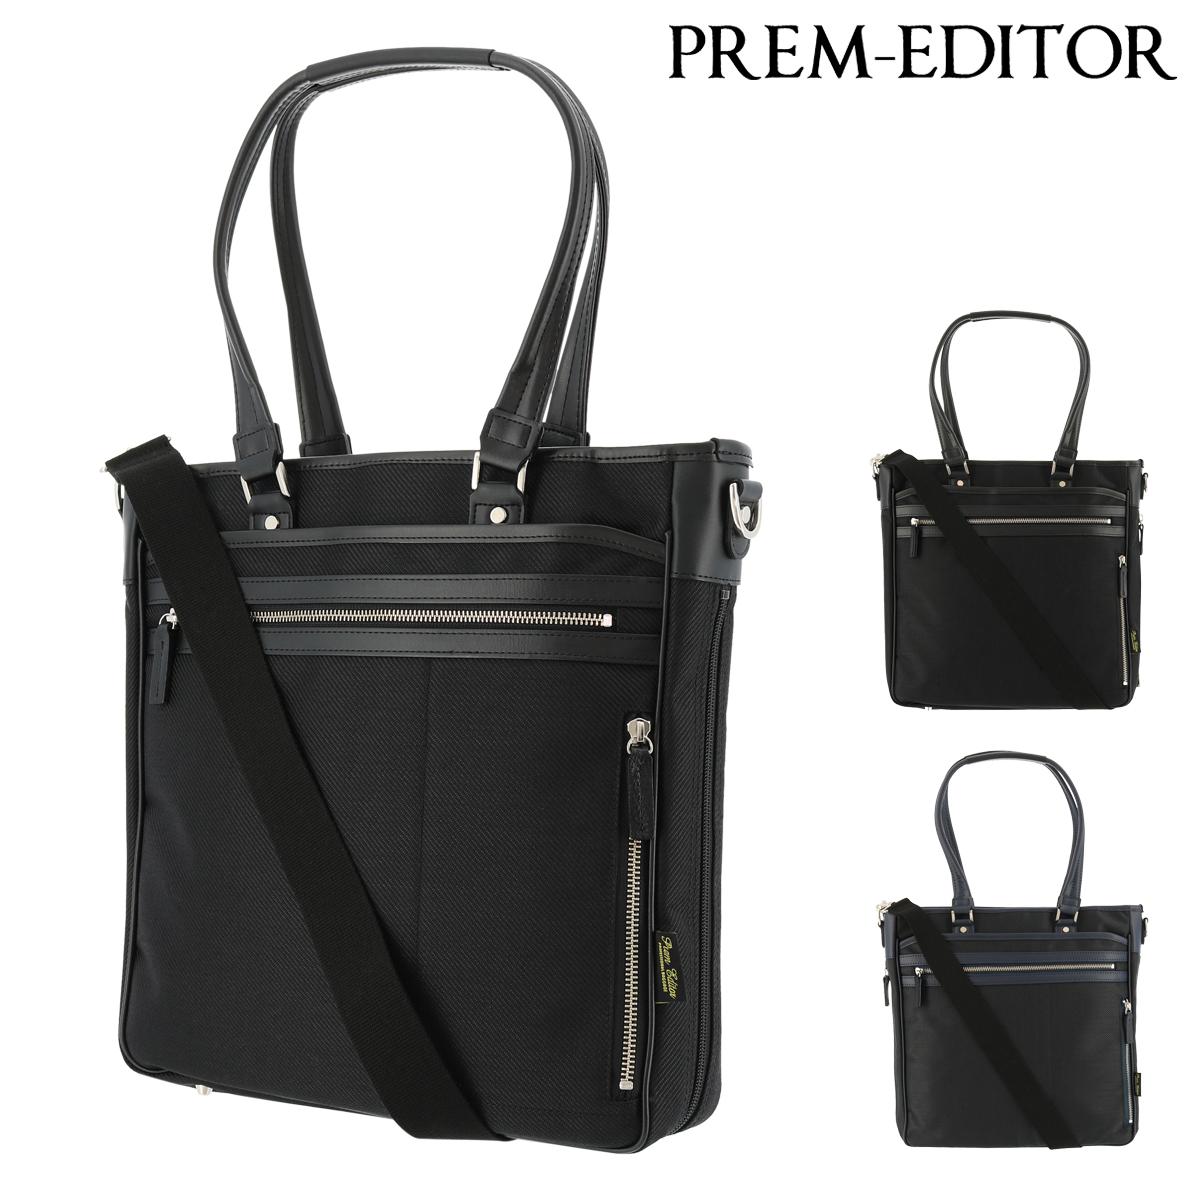 プレムエディター ビジネスバッグ 2WAY 縦型 A4 ビートテックスツイル メンズ 02789 日本製 PREM-EDITOR | ブリーフケース 撥水 軽量 エキスパンダブル [PO10][bef]